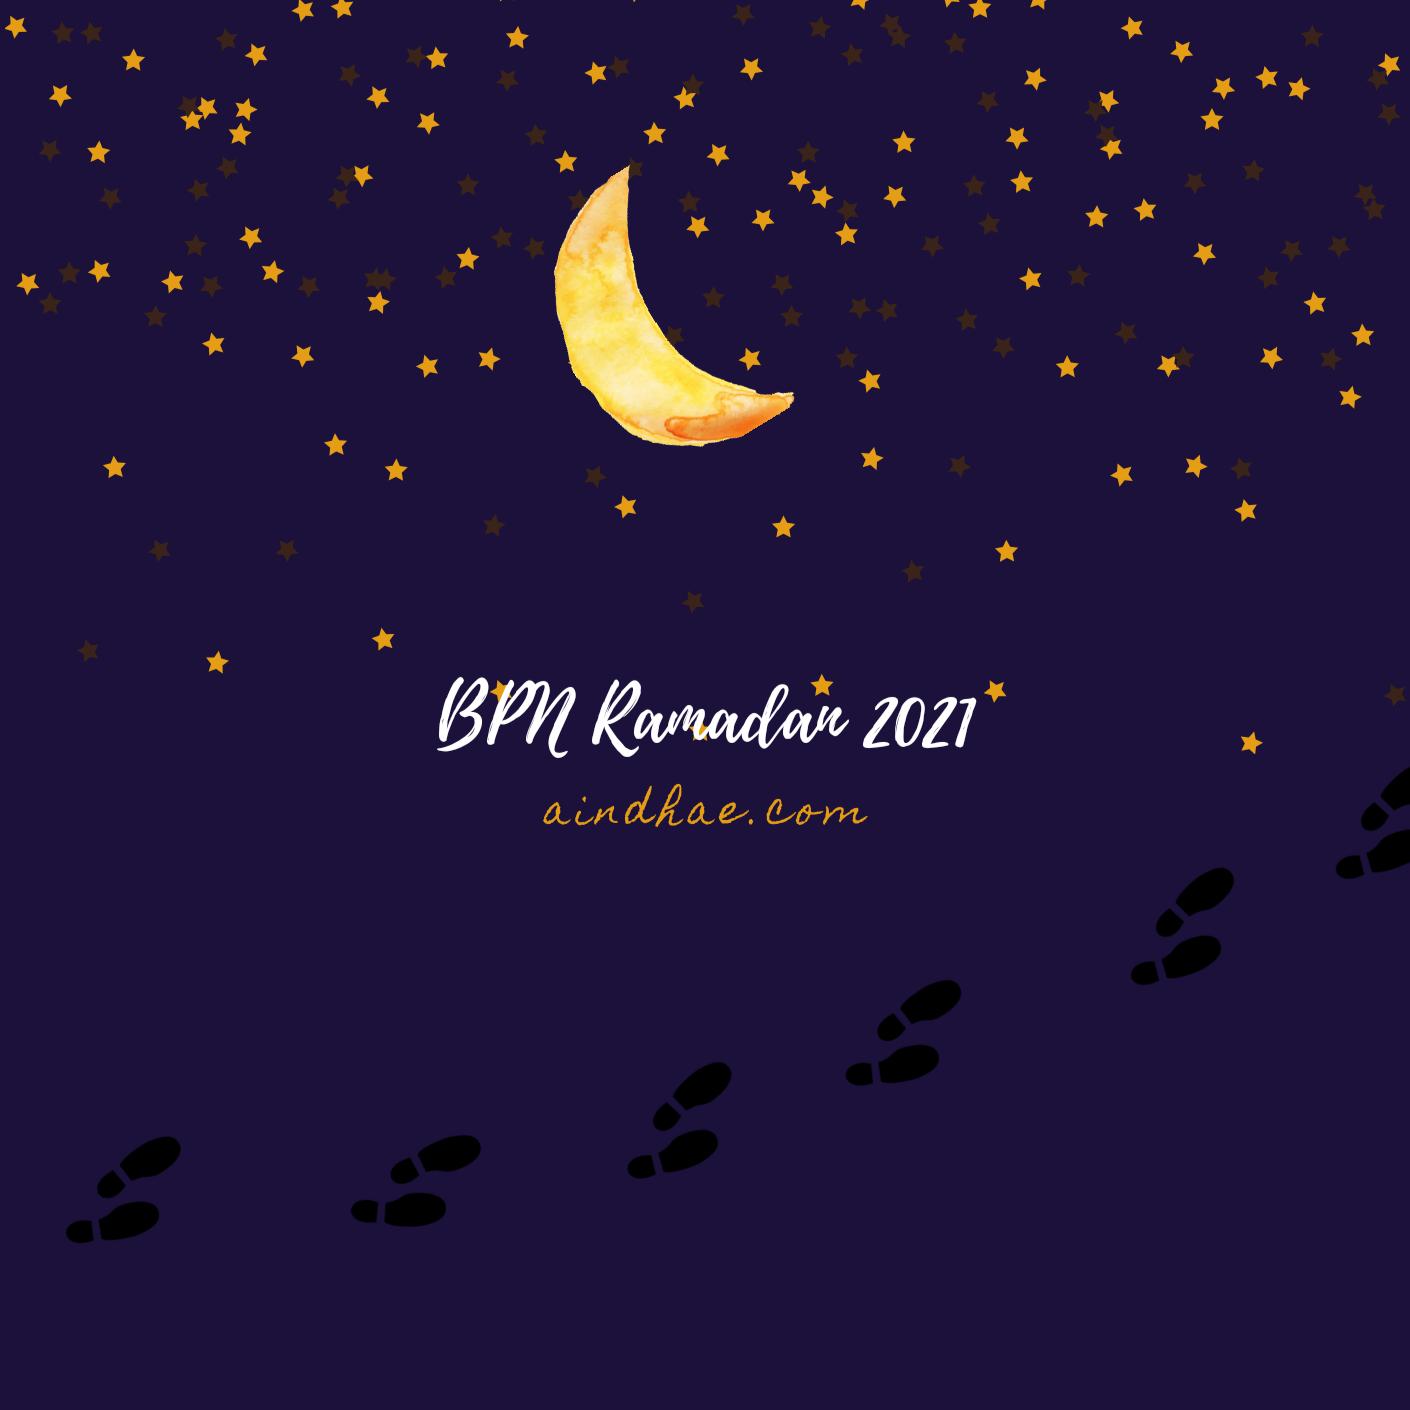 BPN Ramadan 2021 by aindhae